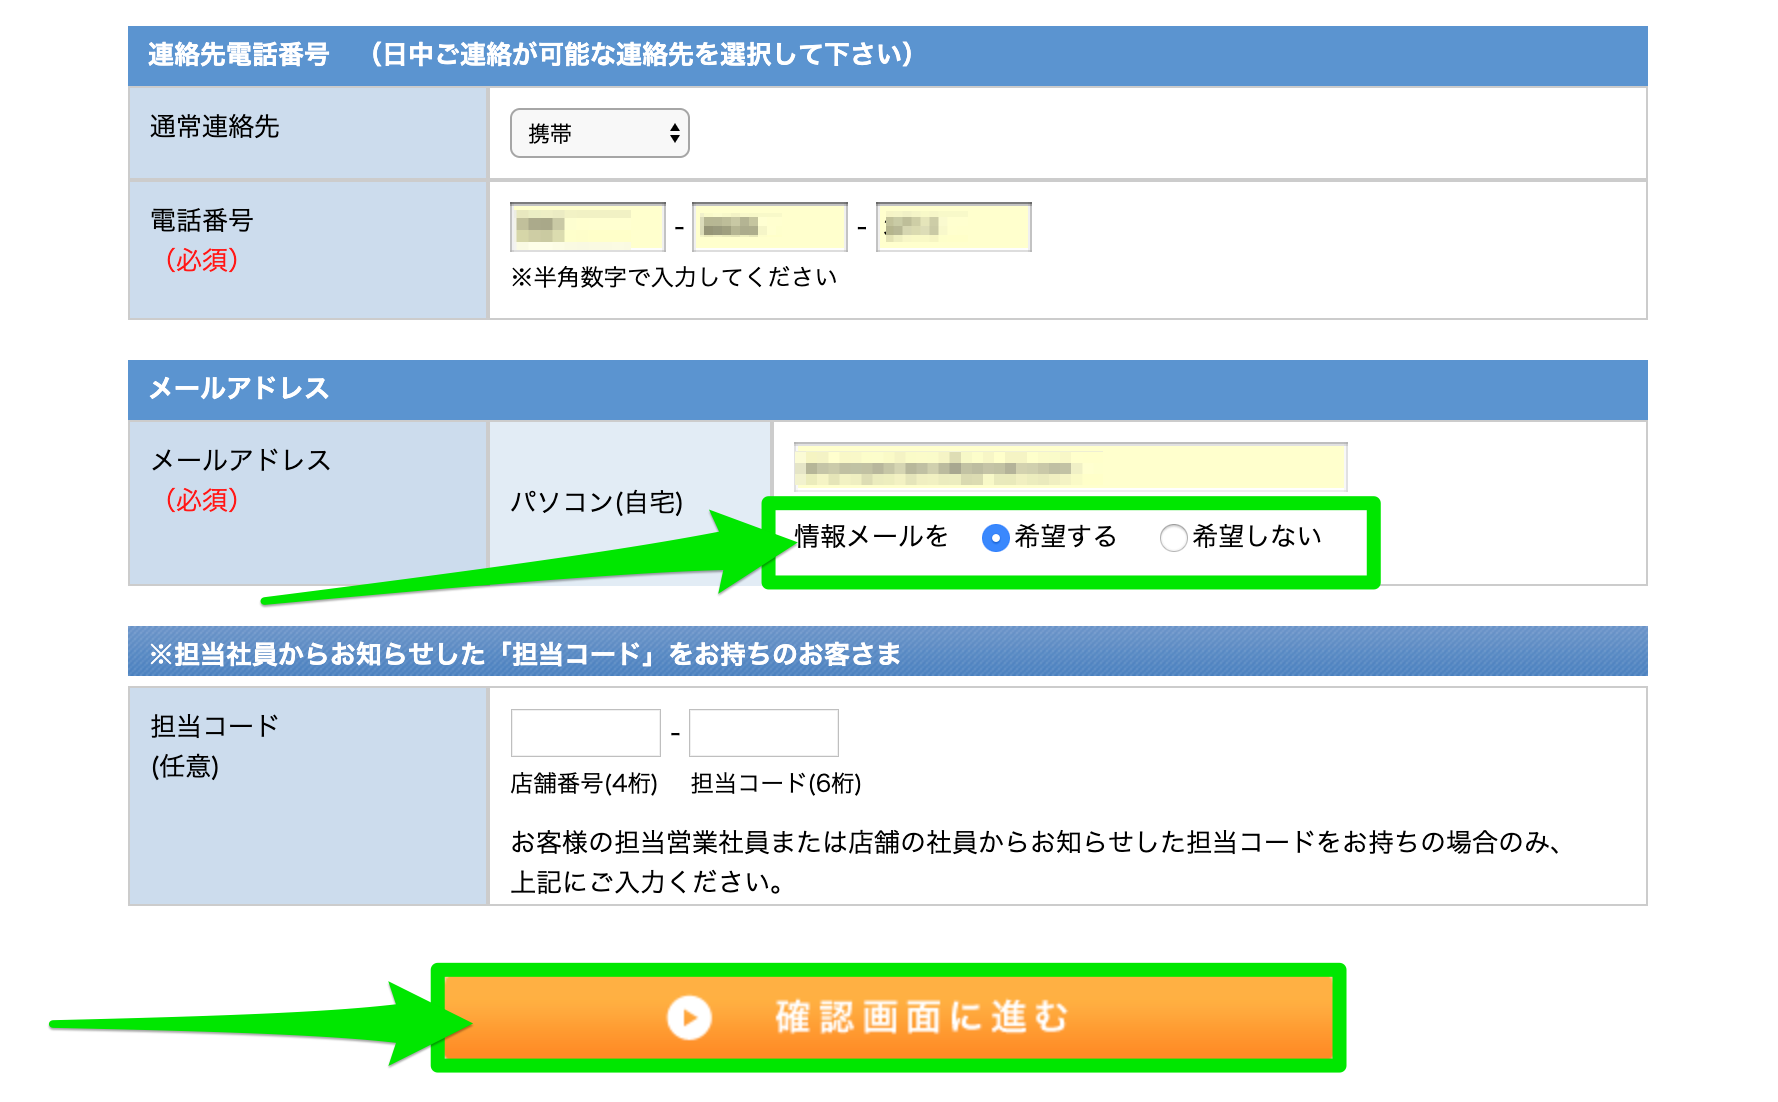 近畿日本ツーリストで会員登録で情報メールの配信を選択